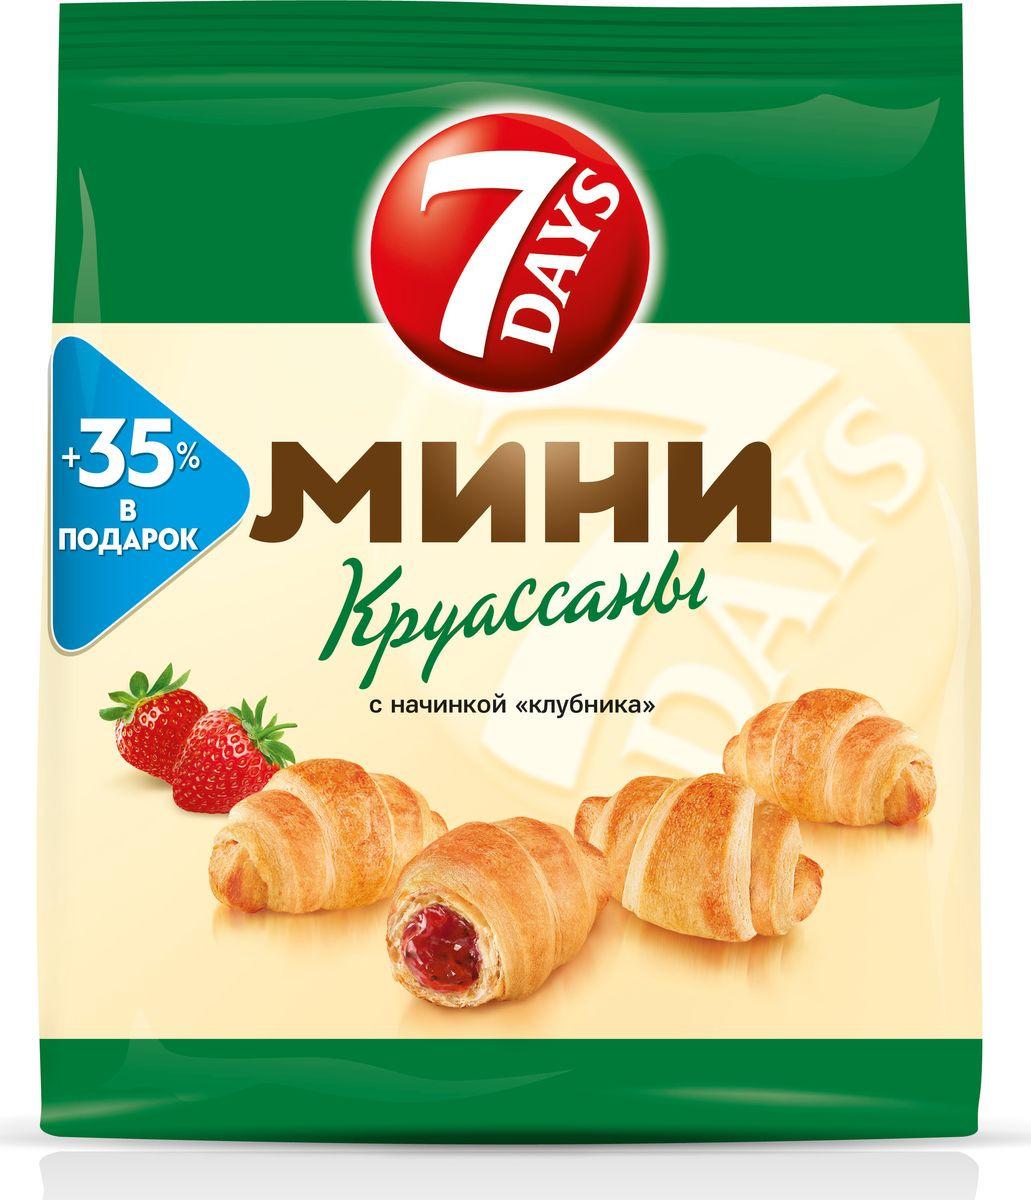 7DAYS Мини-круассаны с начинкой Клубника, 105 г